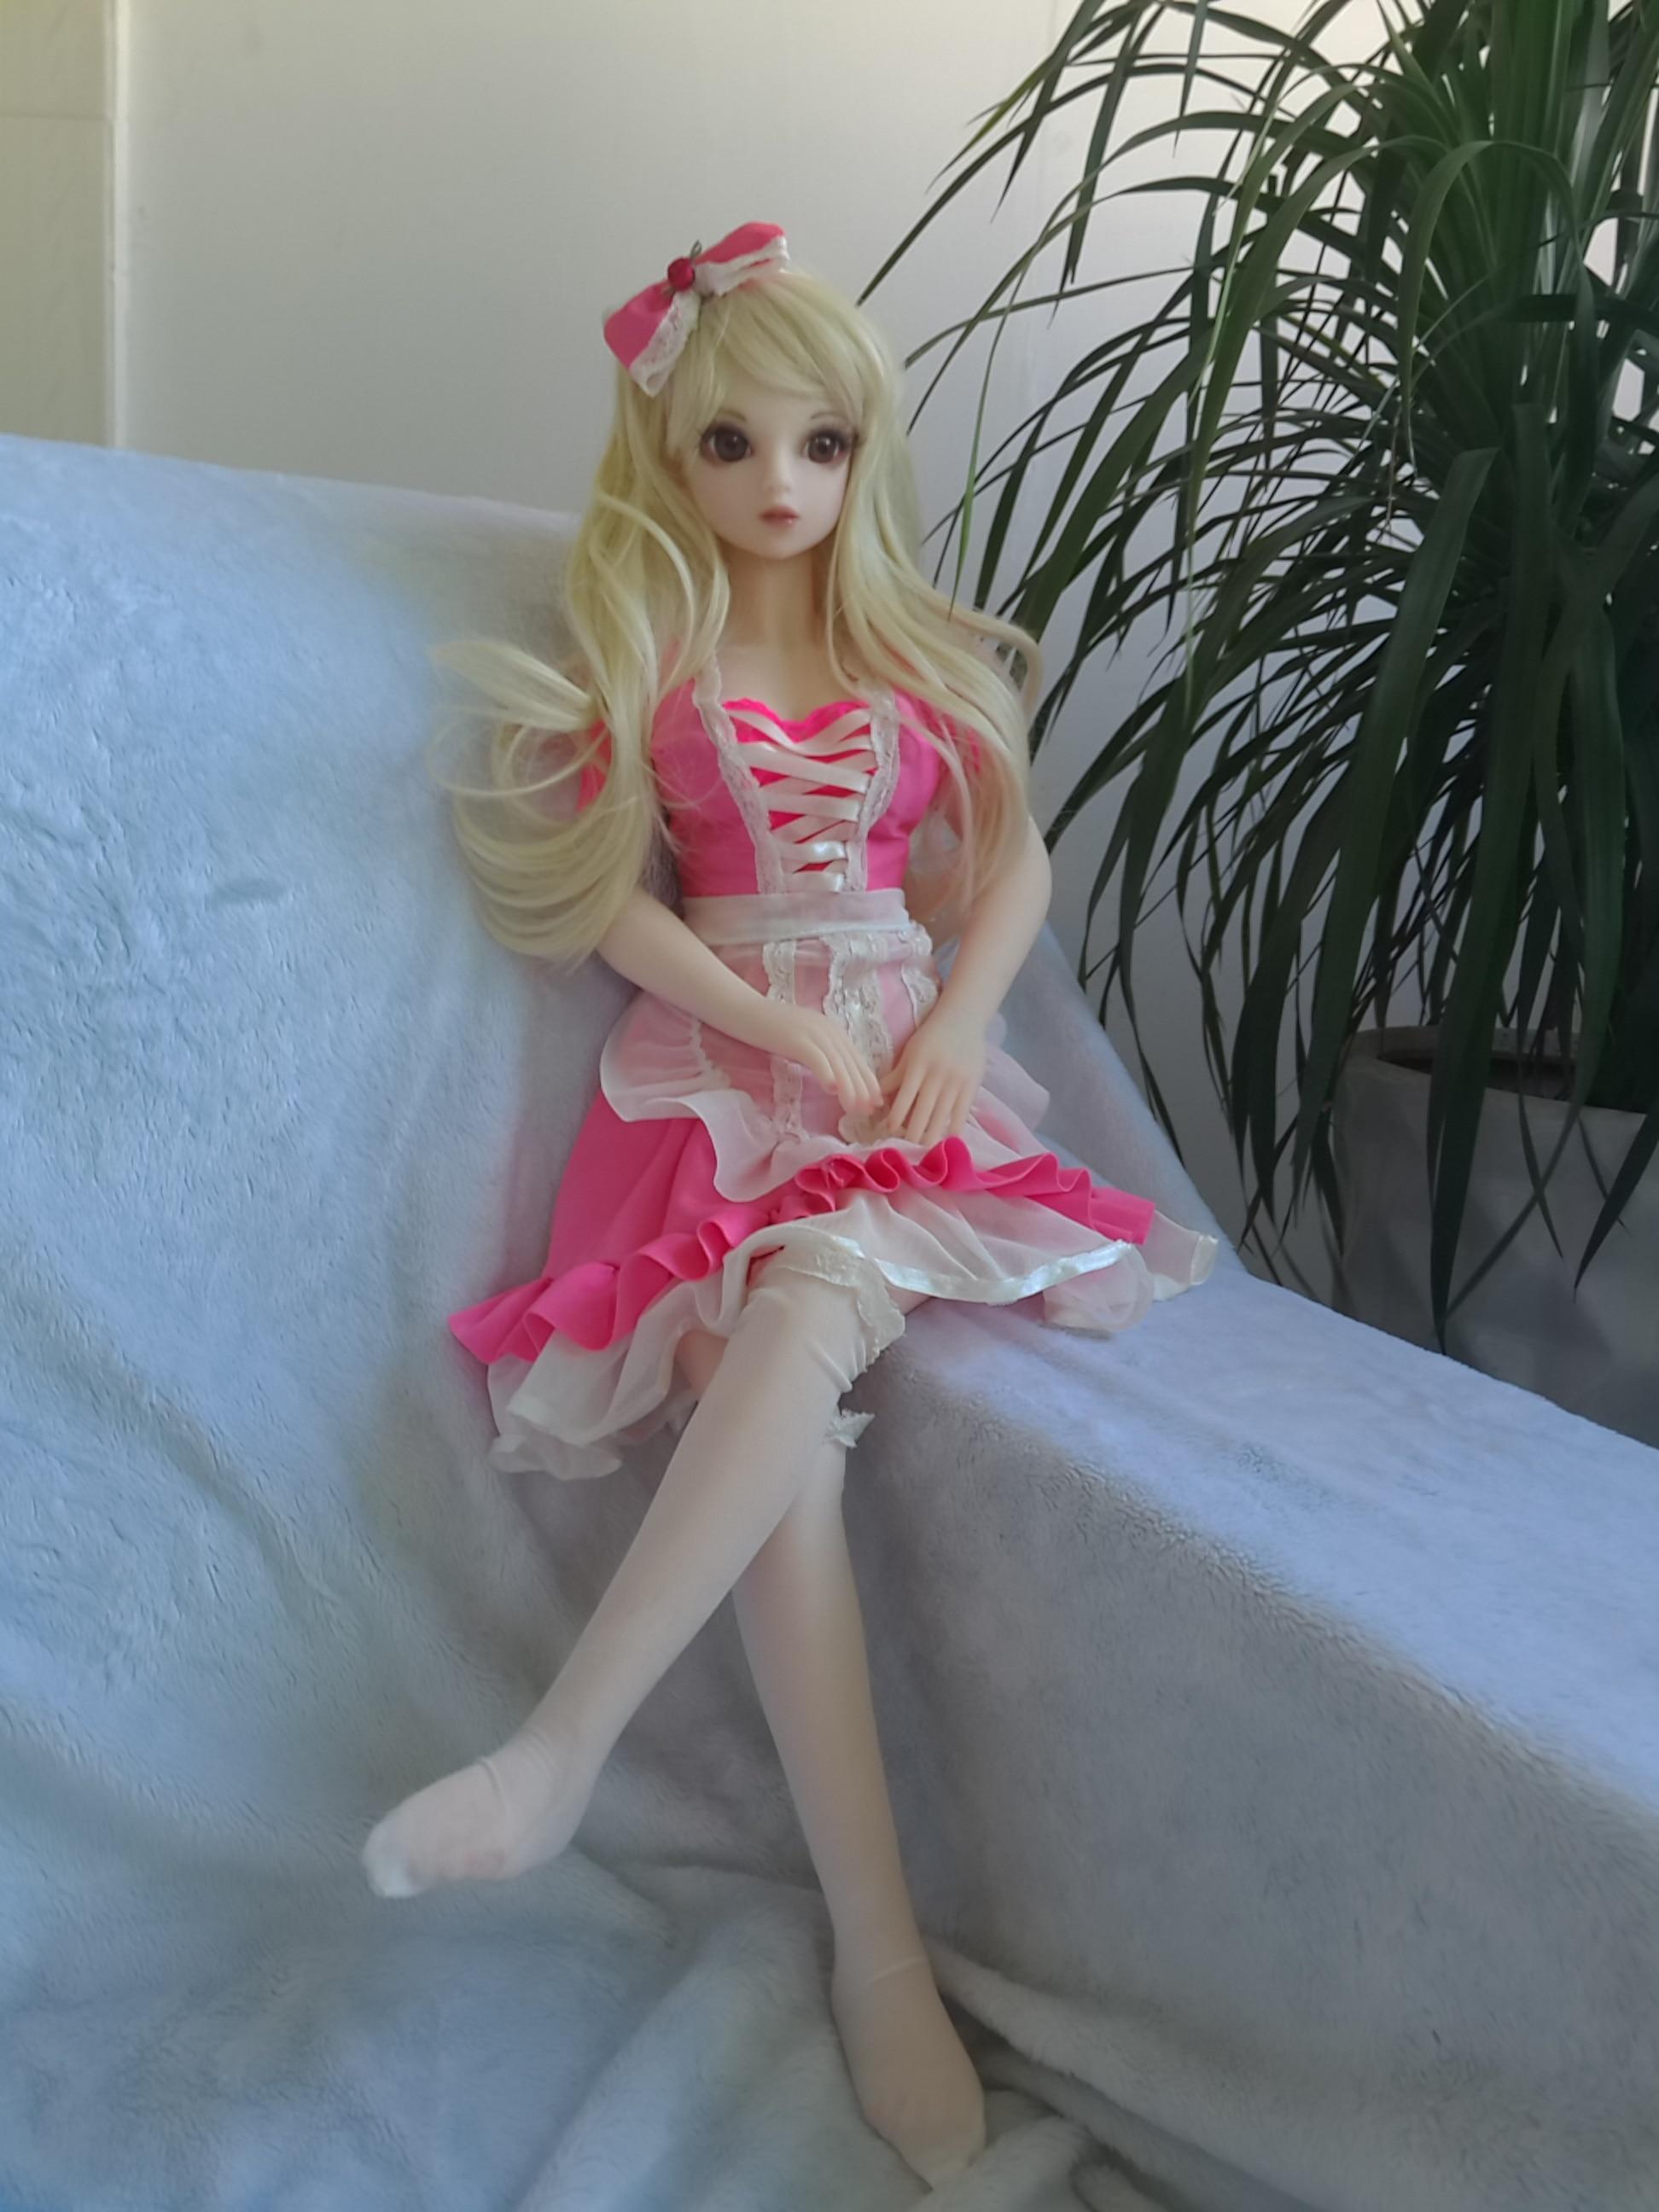 65 cm réaliste Silicone poupée de sexe taille réelle réaliste TPE amour poupée adulte Sexy jouets